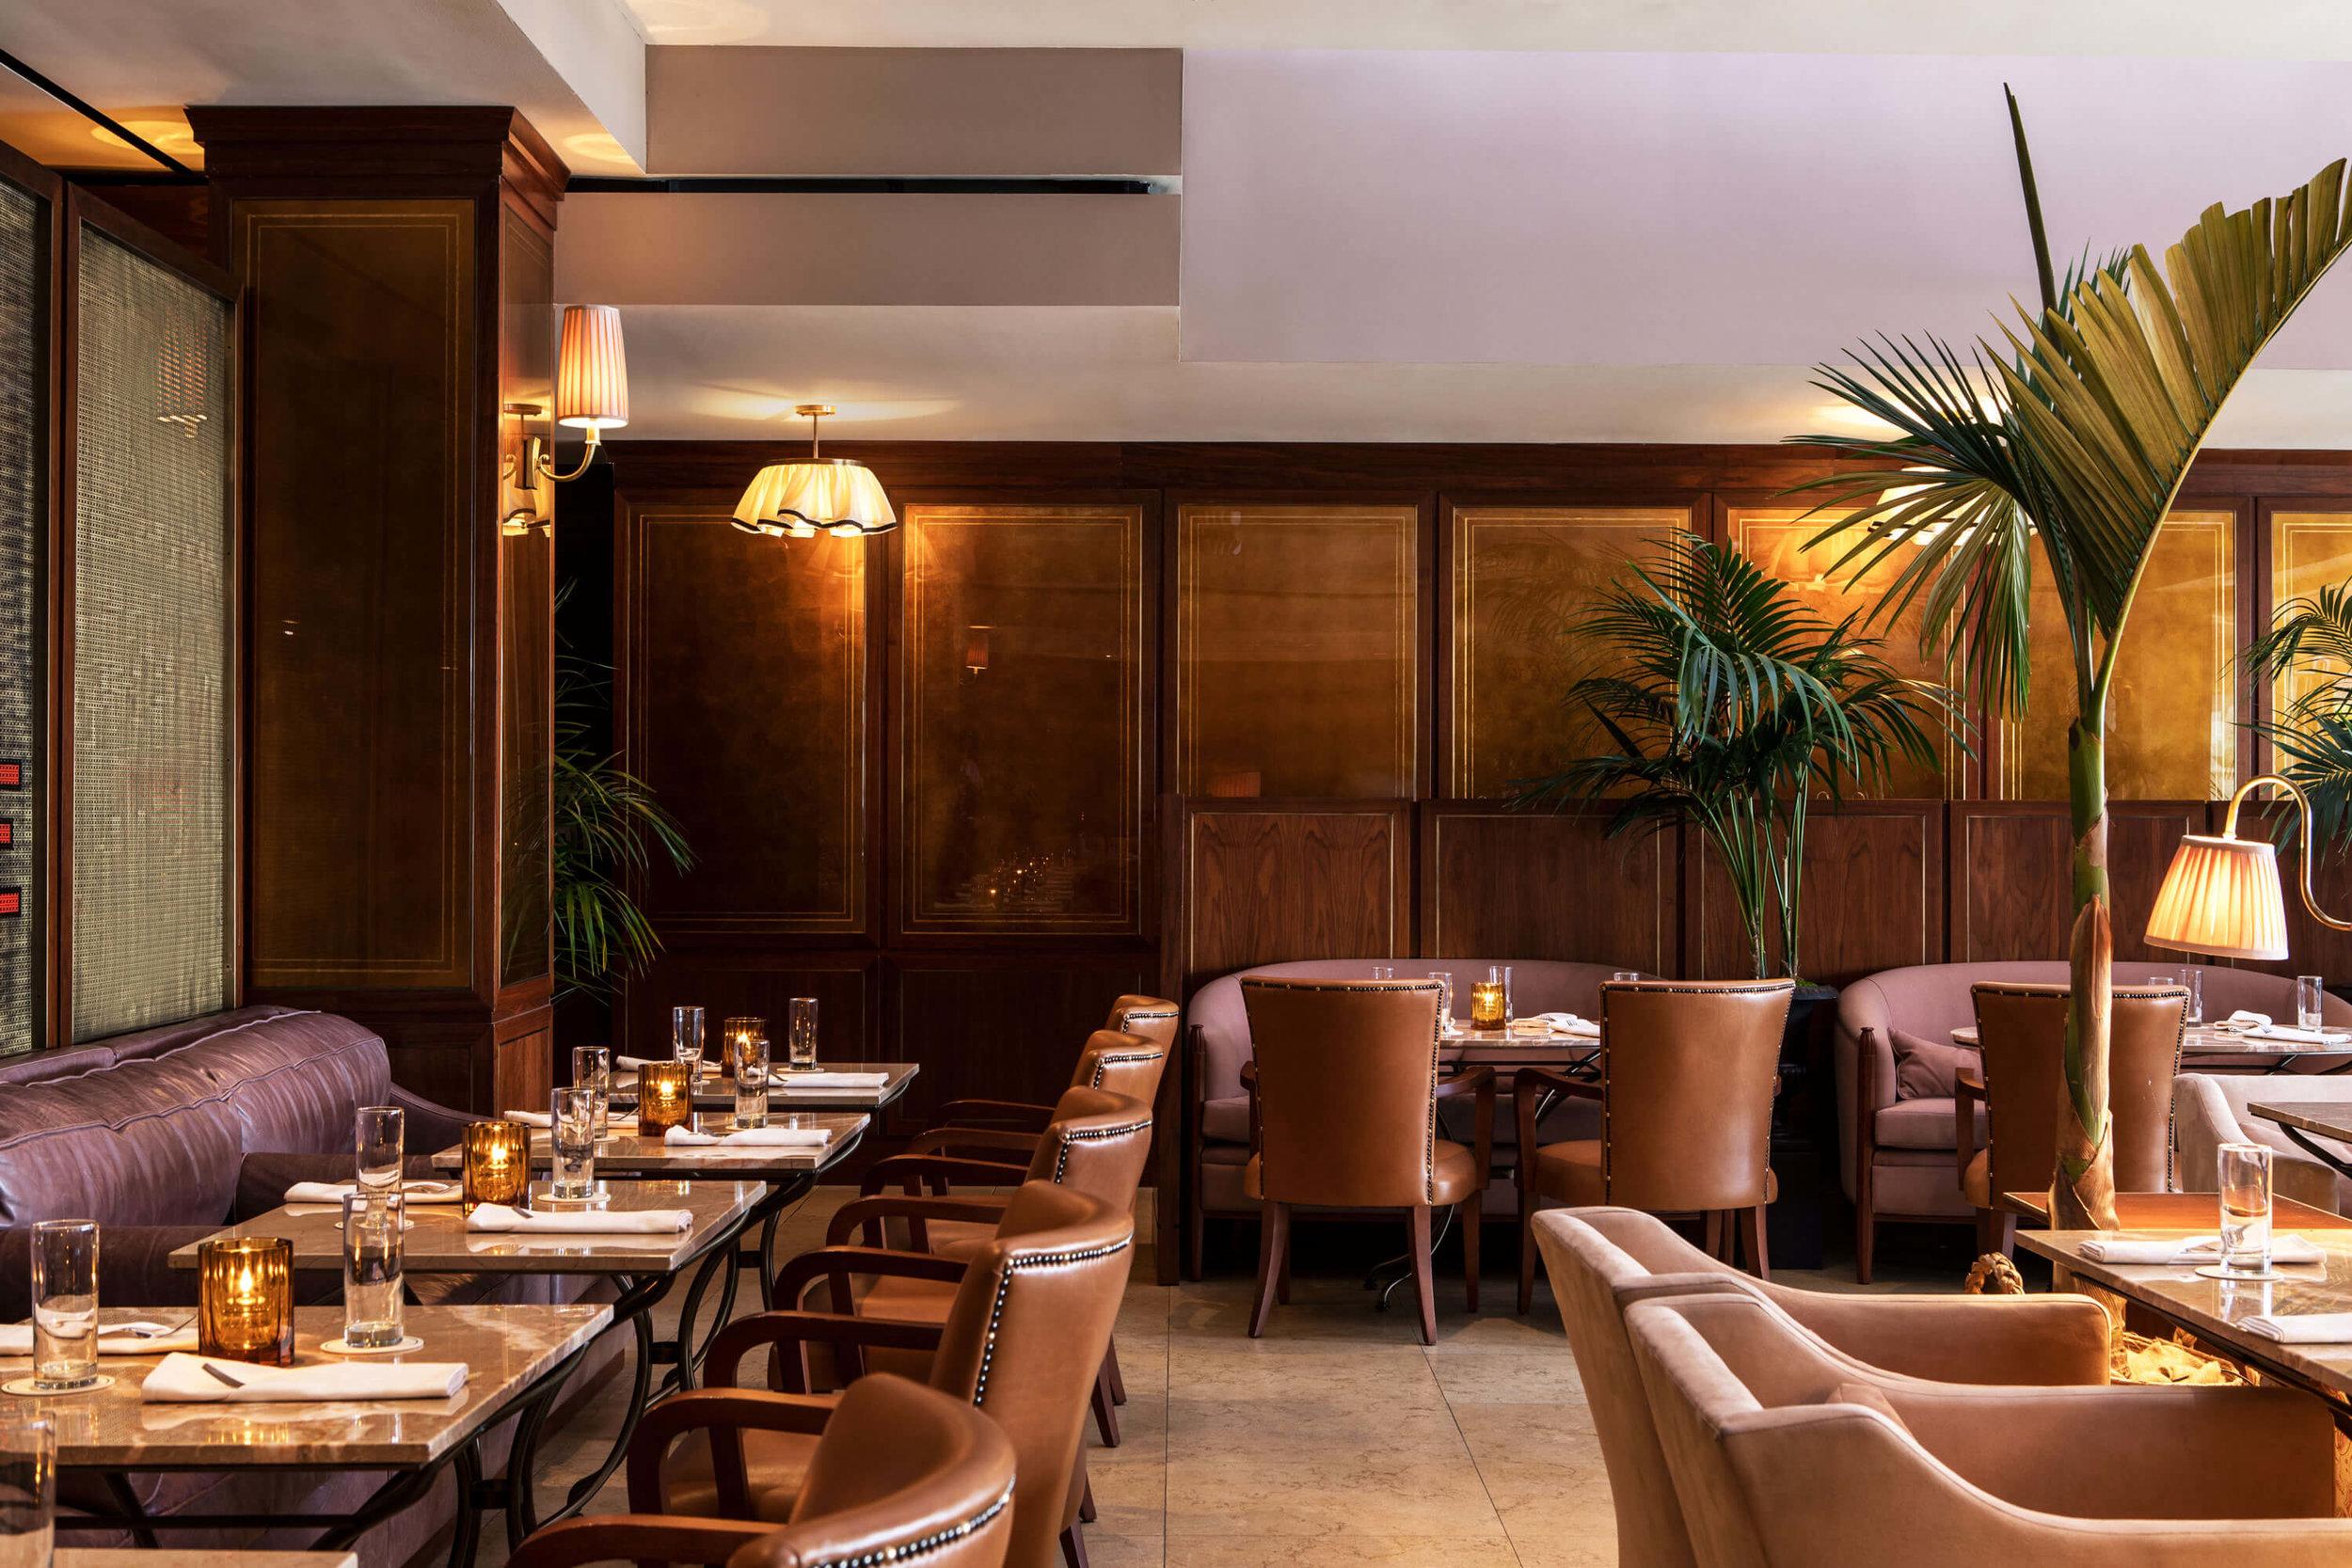 Sunset-Tower_Terrace_Restaurant_Interior-02.jpg